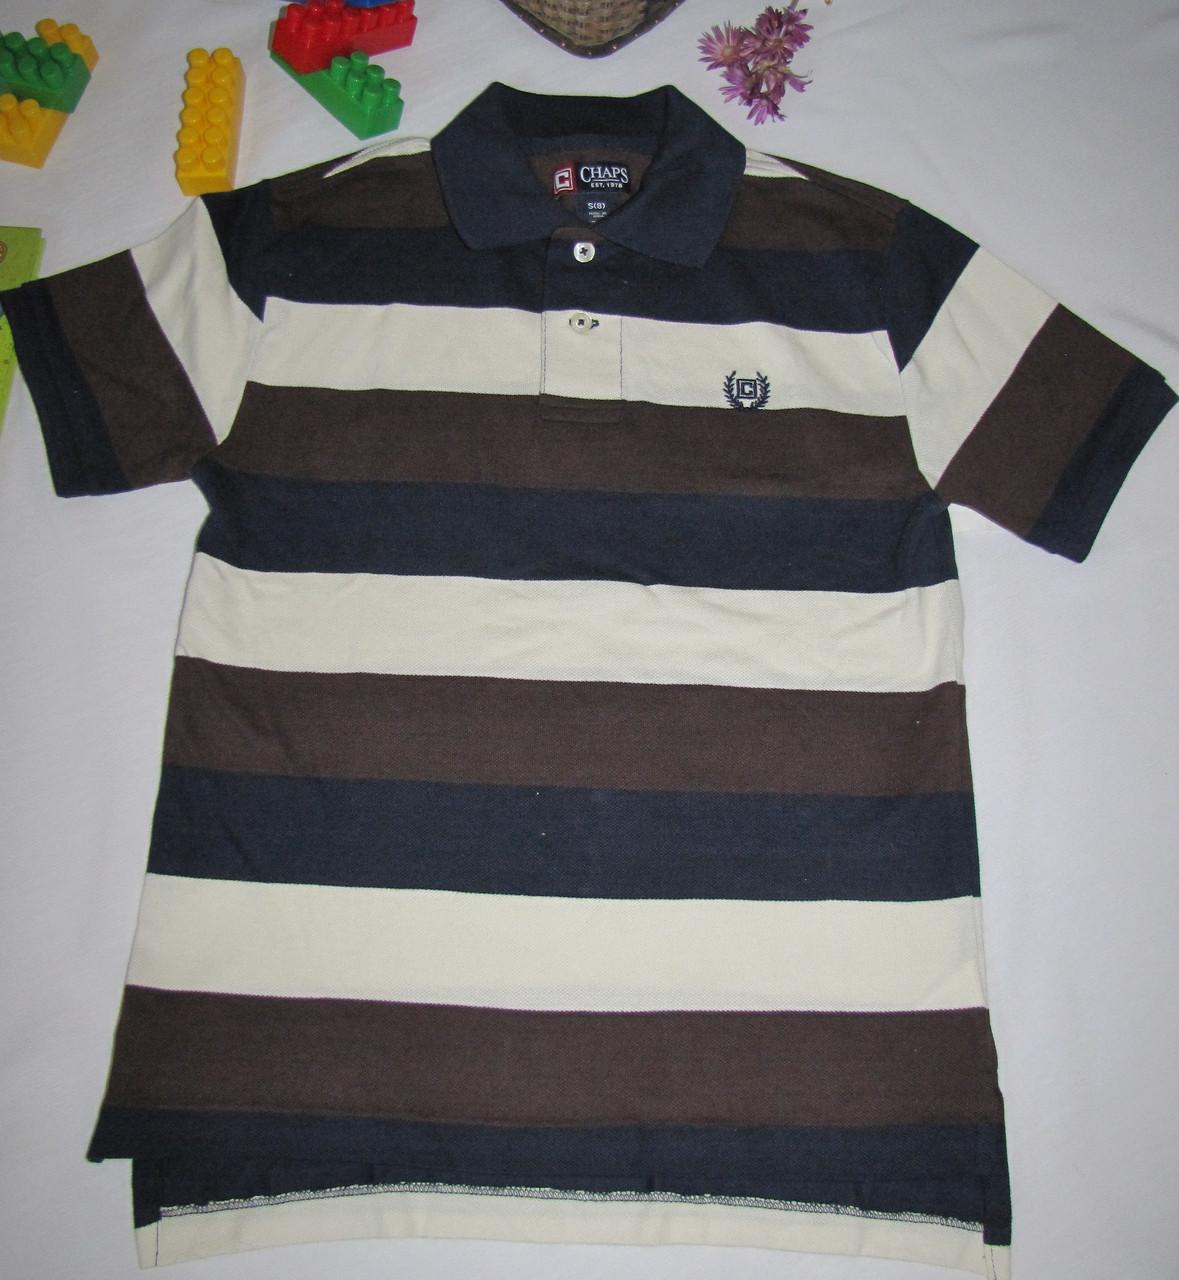 Футболка Сhap's оригинал рост 128 см темно синяя+коричневая 07100